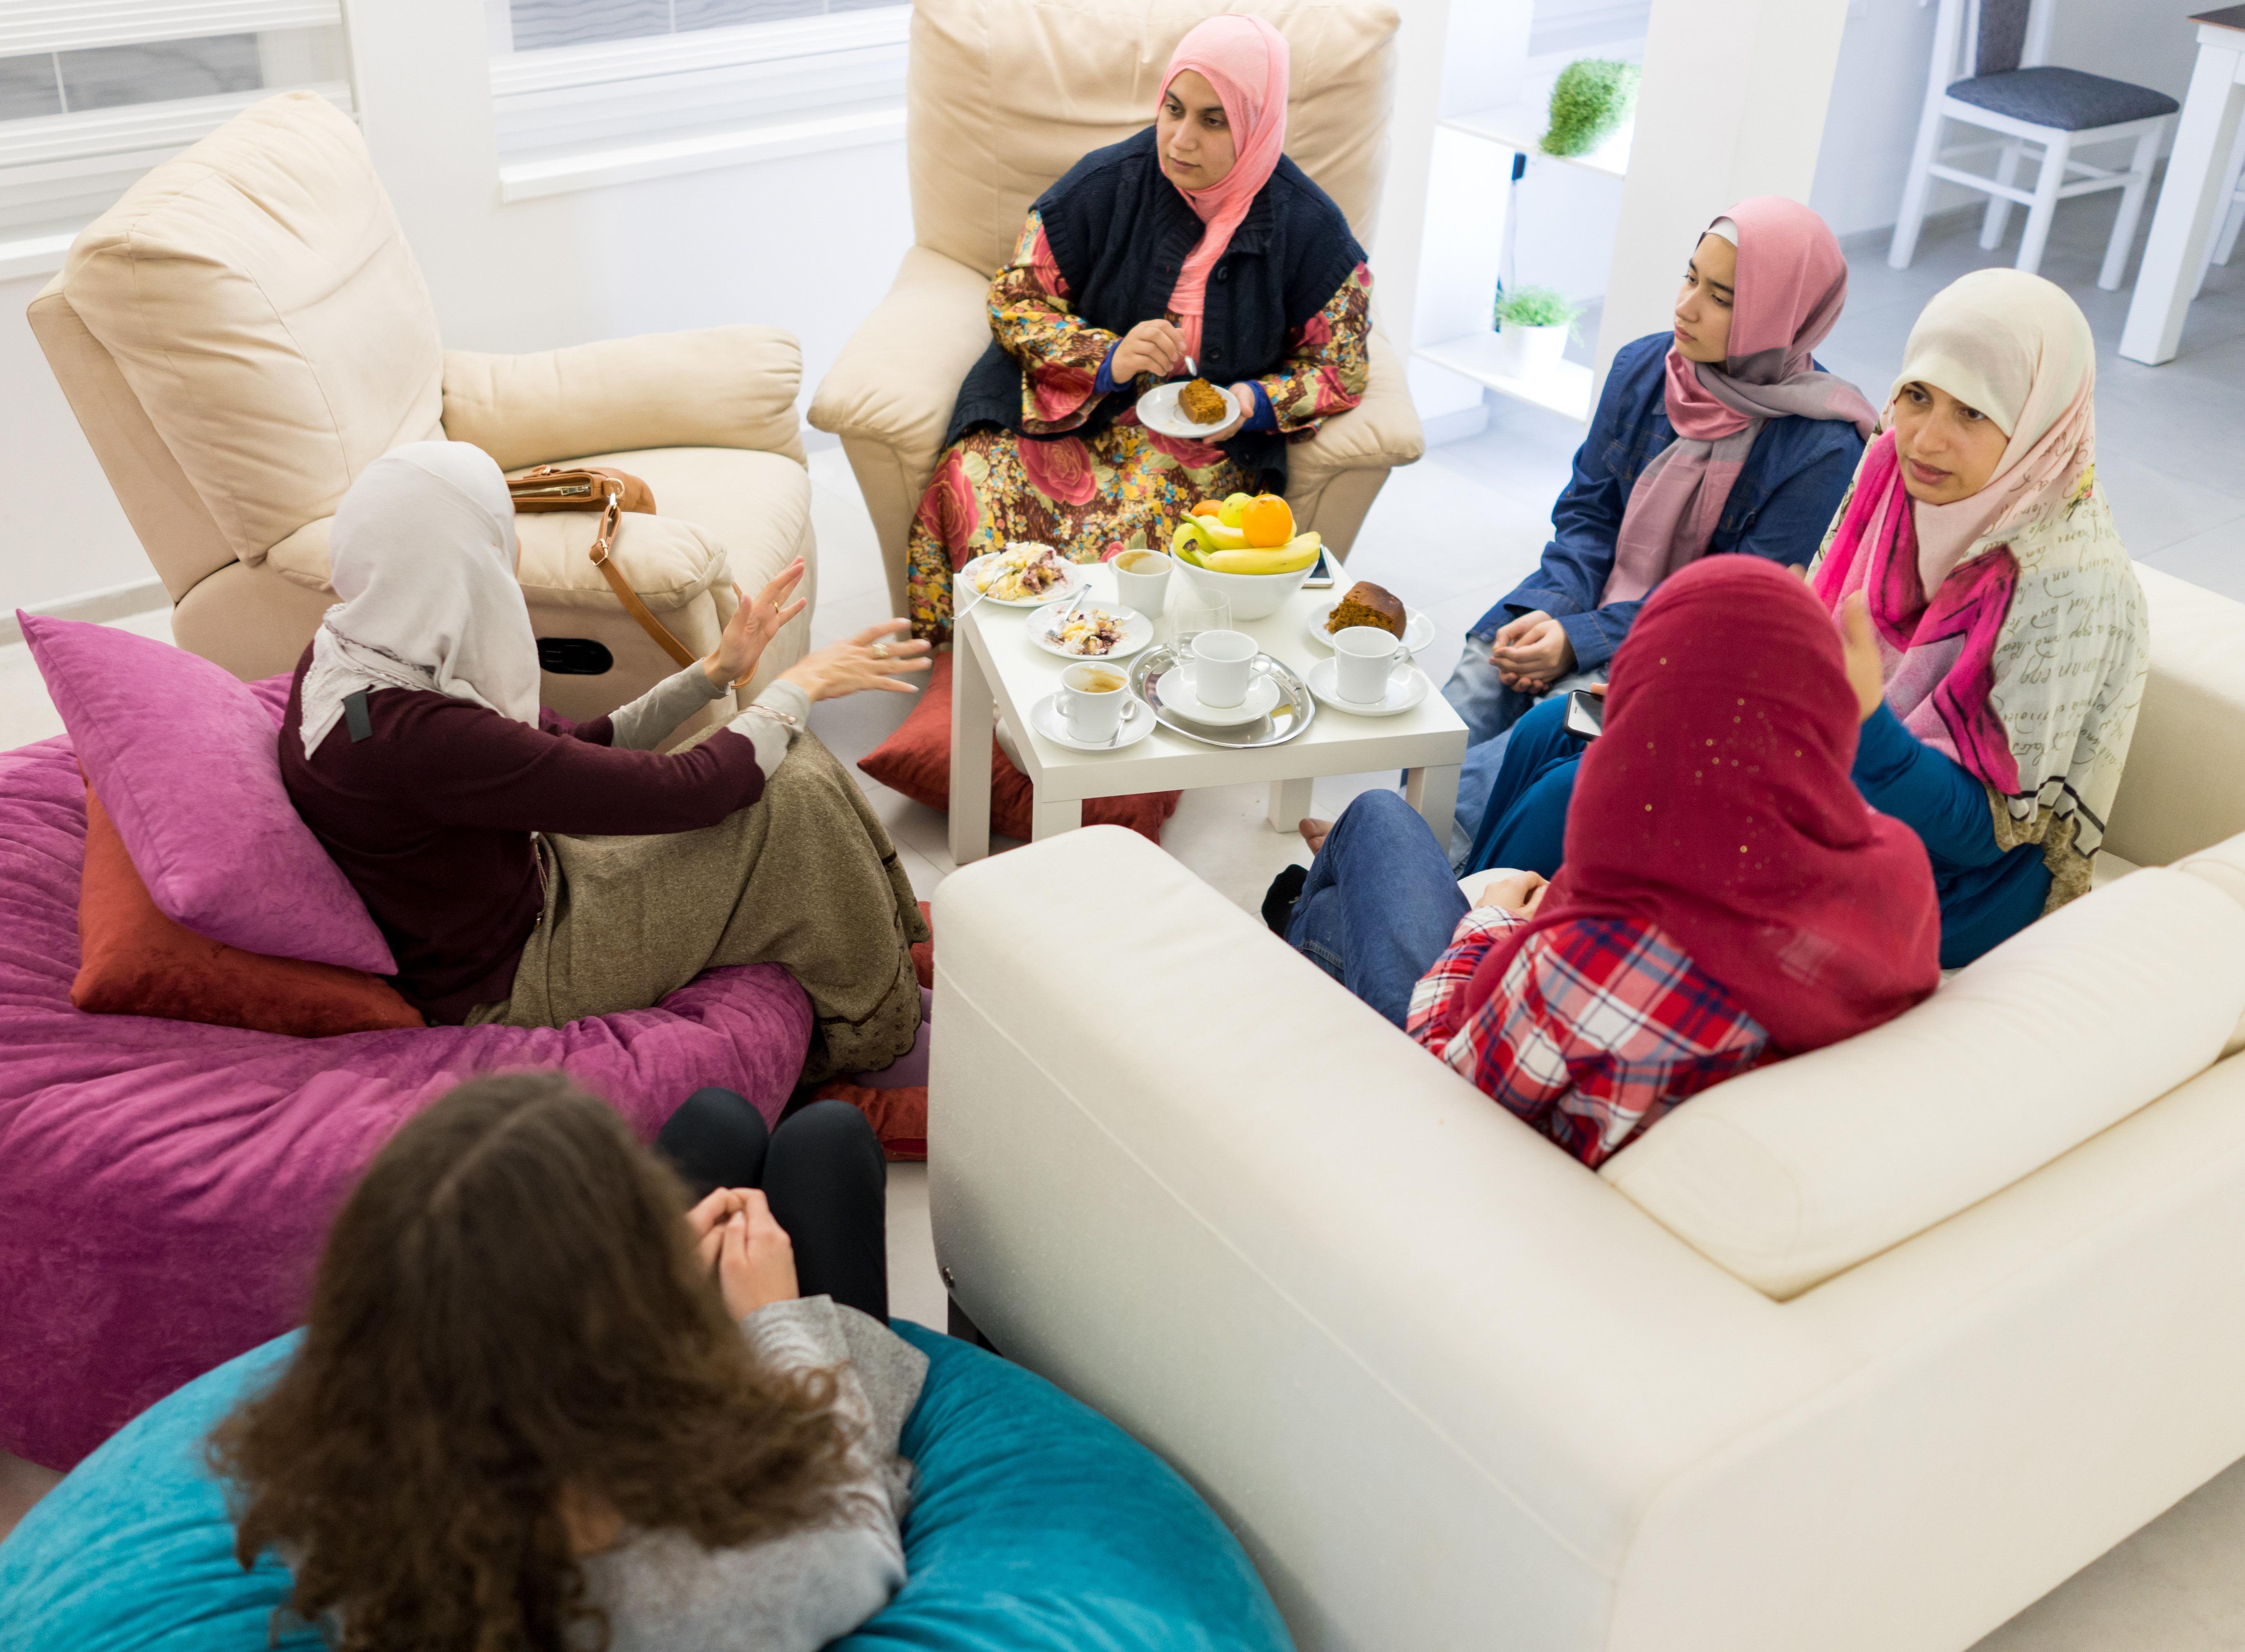 Wegen Türkei-Reise: Stadt streicht Hartz-IV-Empfängerin das